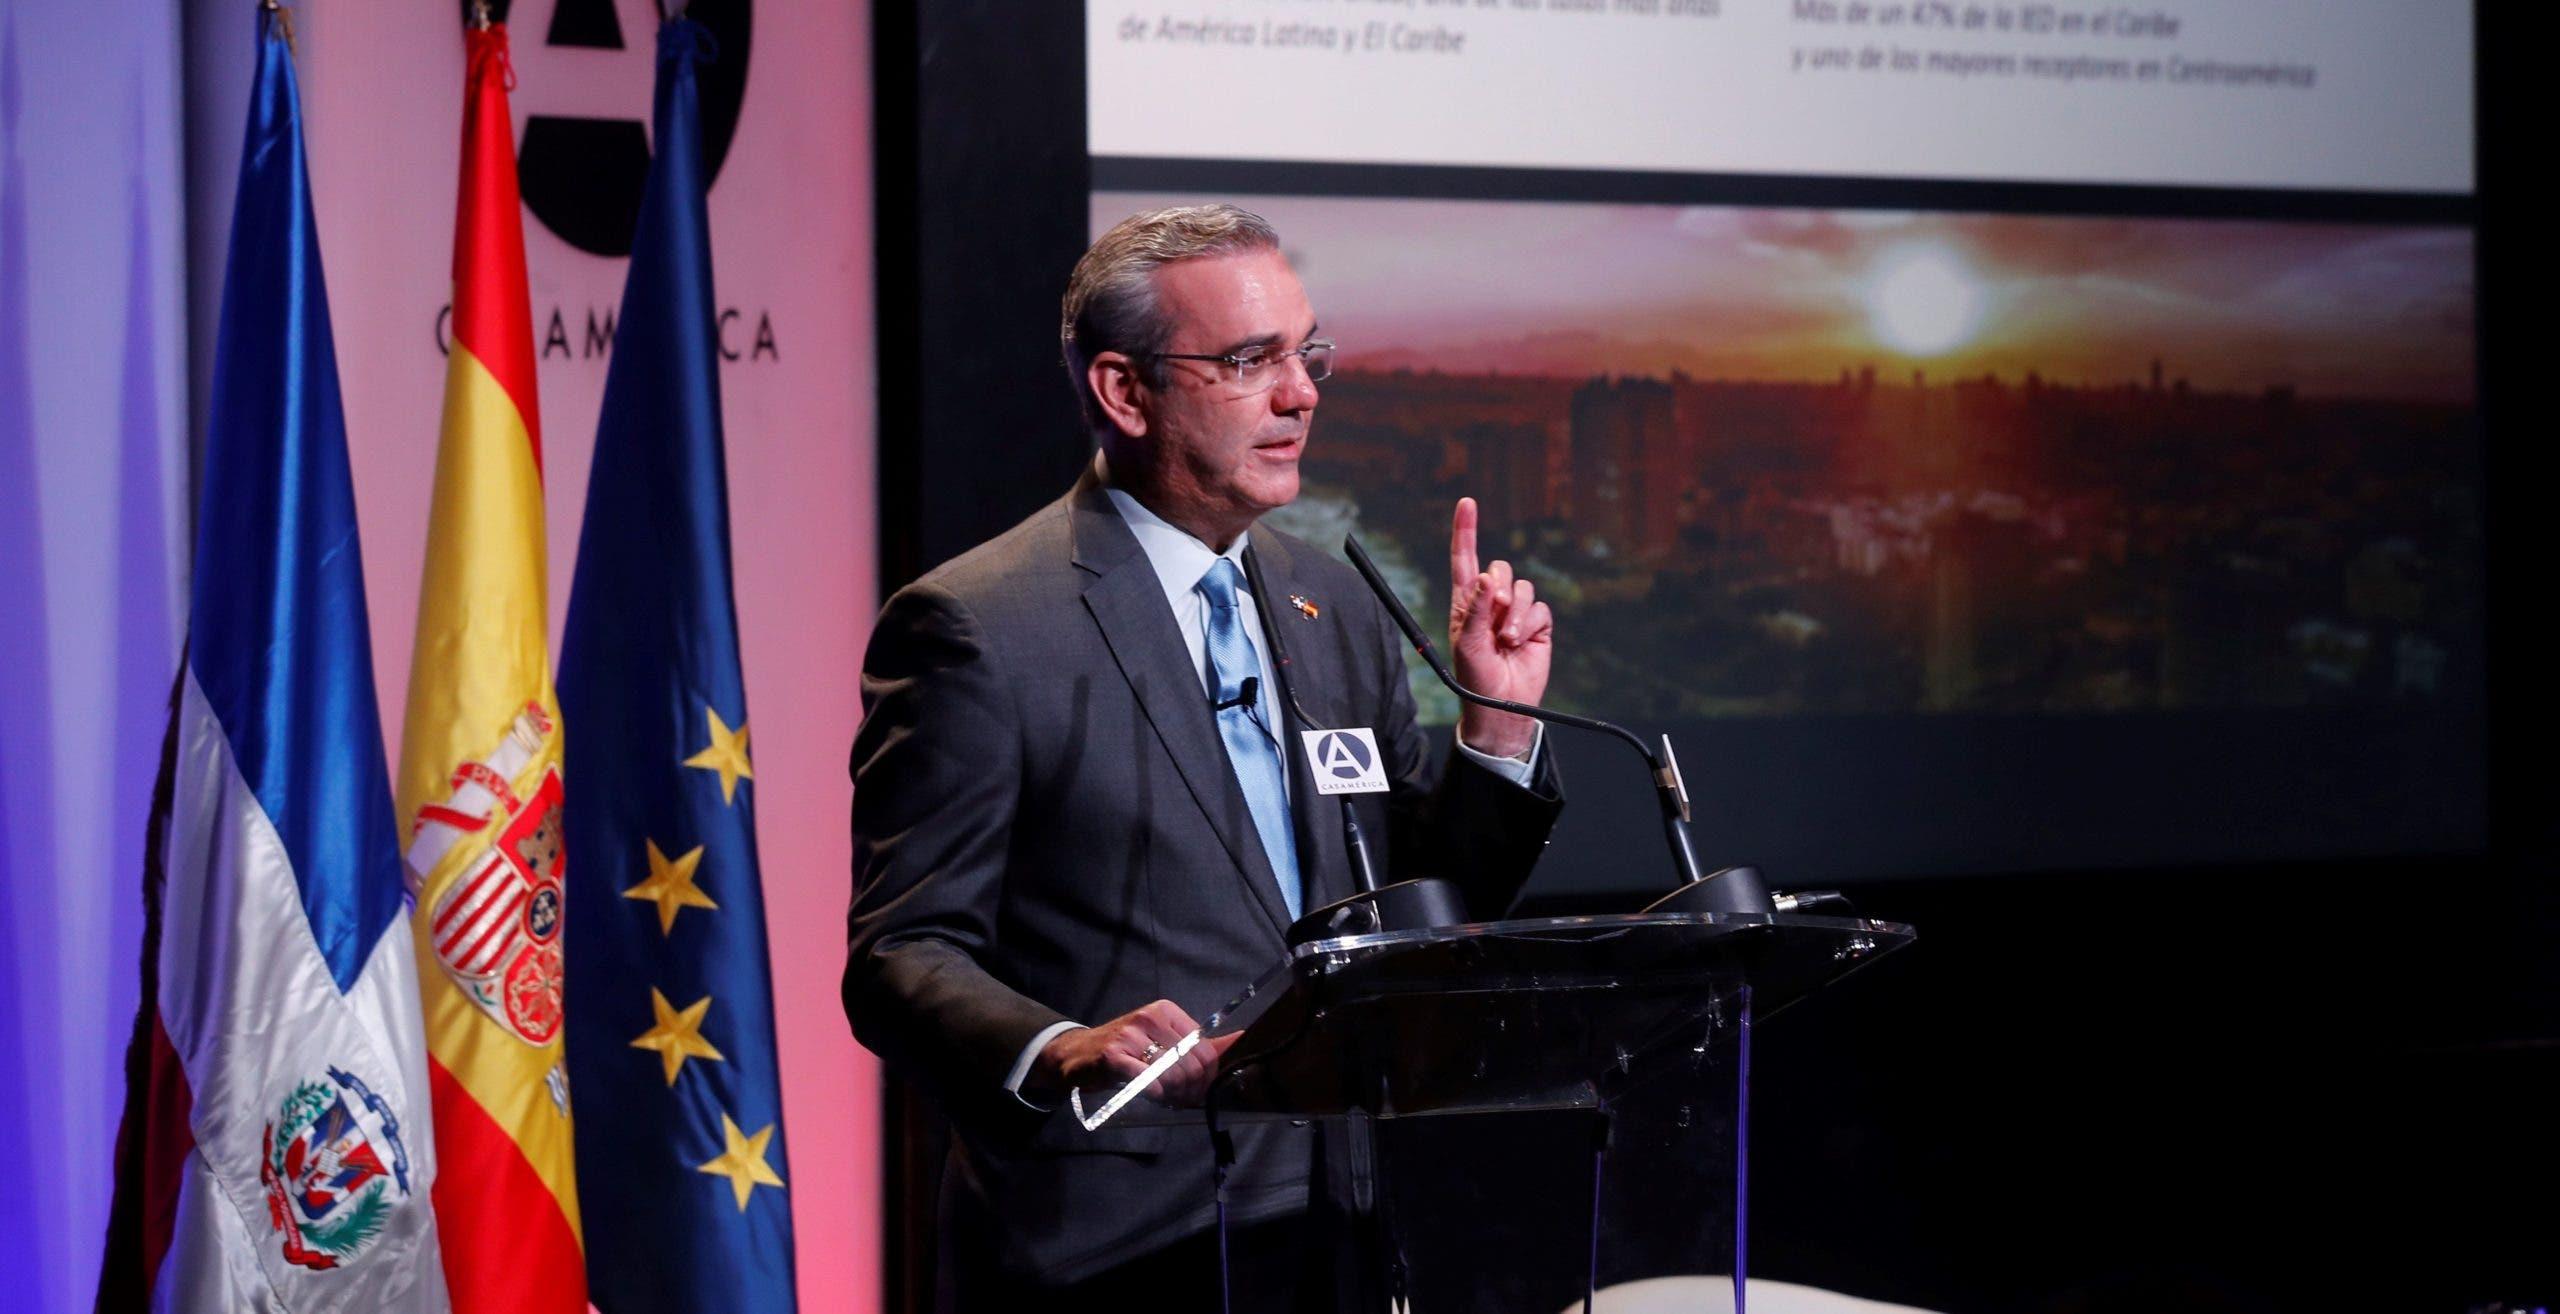 Abinader pide el respaldo internacional para solucionar situación de Haití